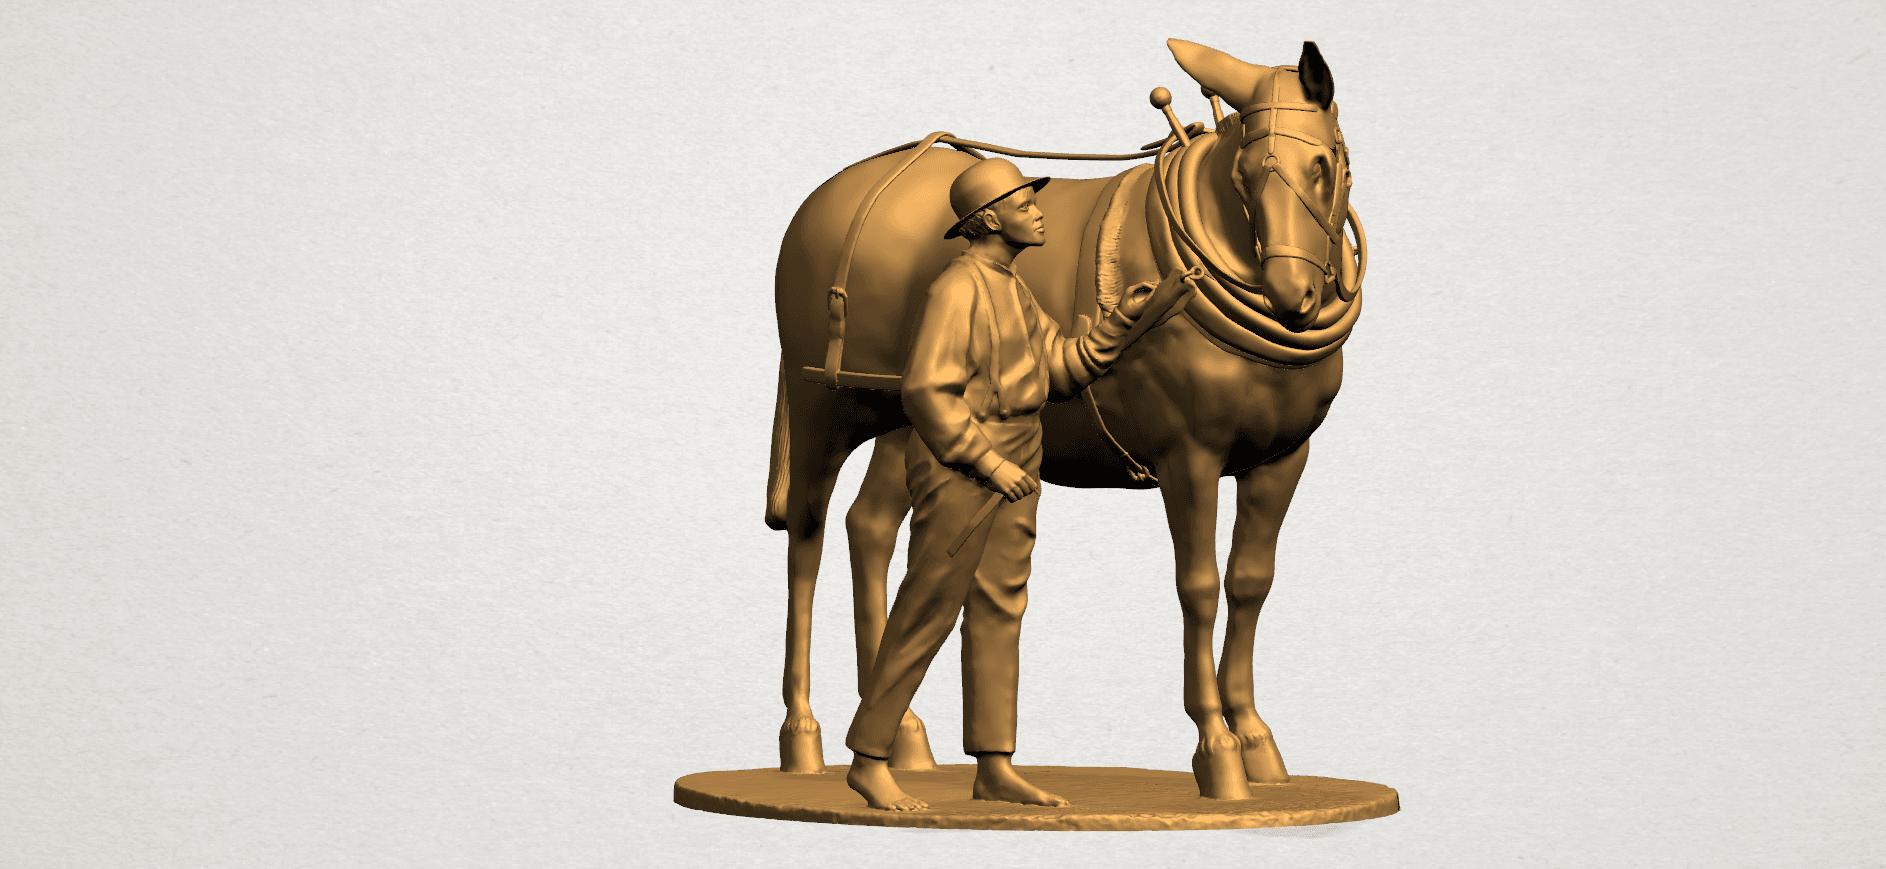 Horse with Man (i) - B01.png Télécharger fichier STL gratuit Cheval avec Man 01 • Objet à imprimer en 3D, GeorgesNikkei